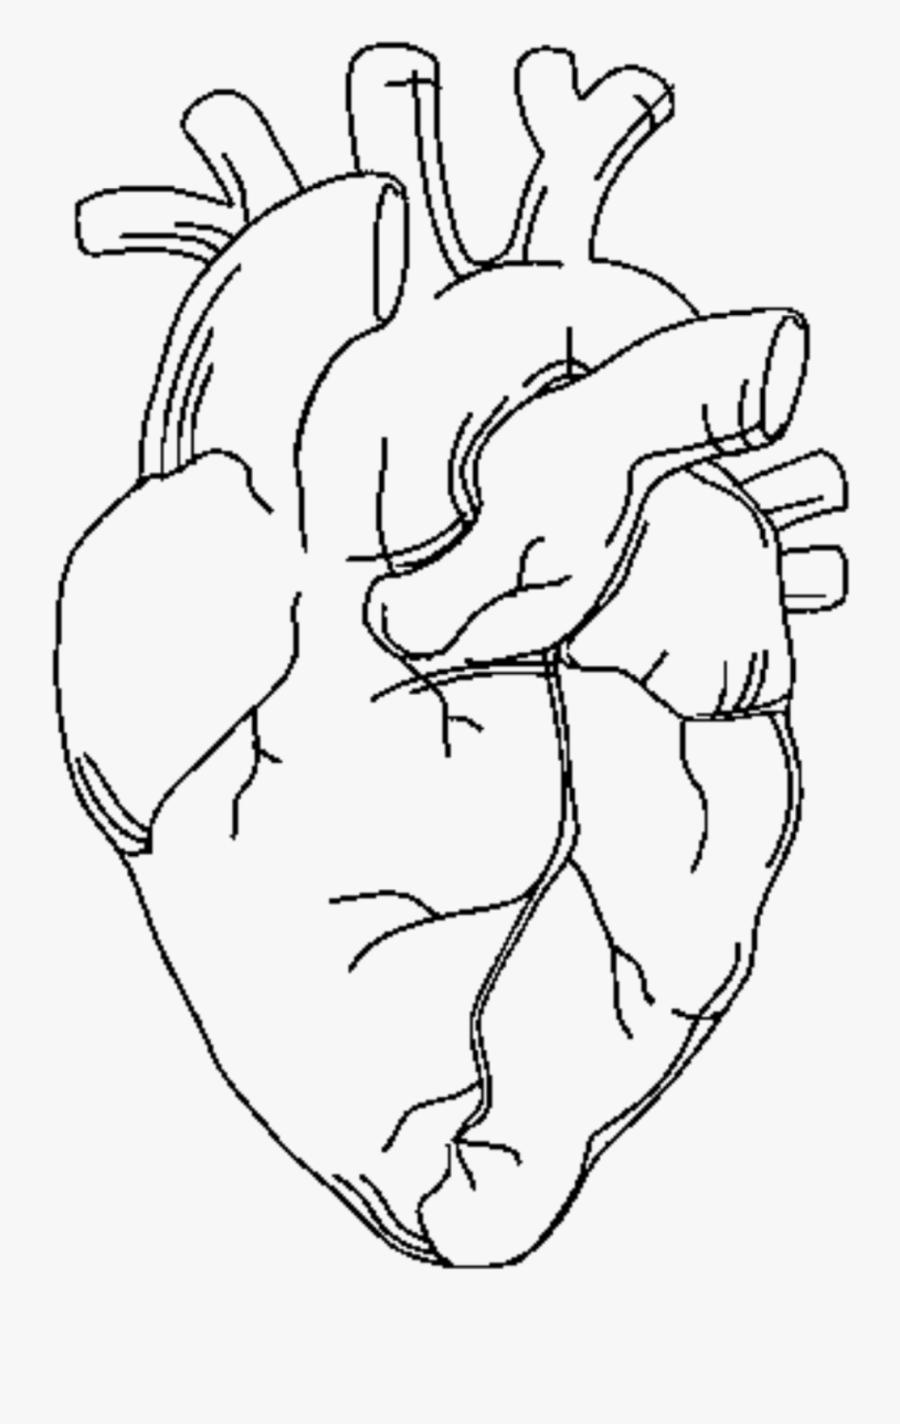 Colored Heart Cliparts - Cliparts Zone